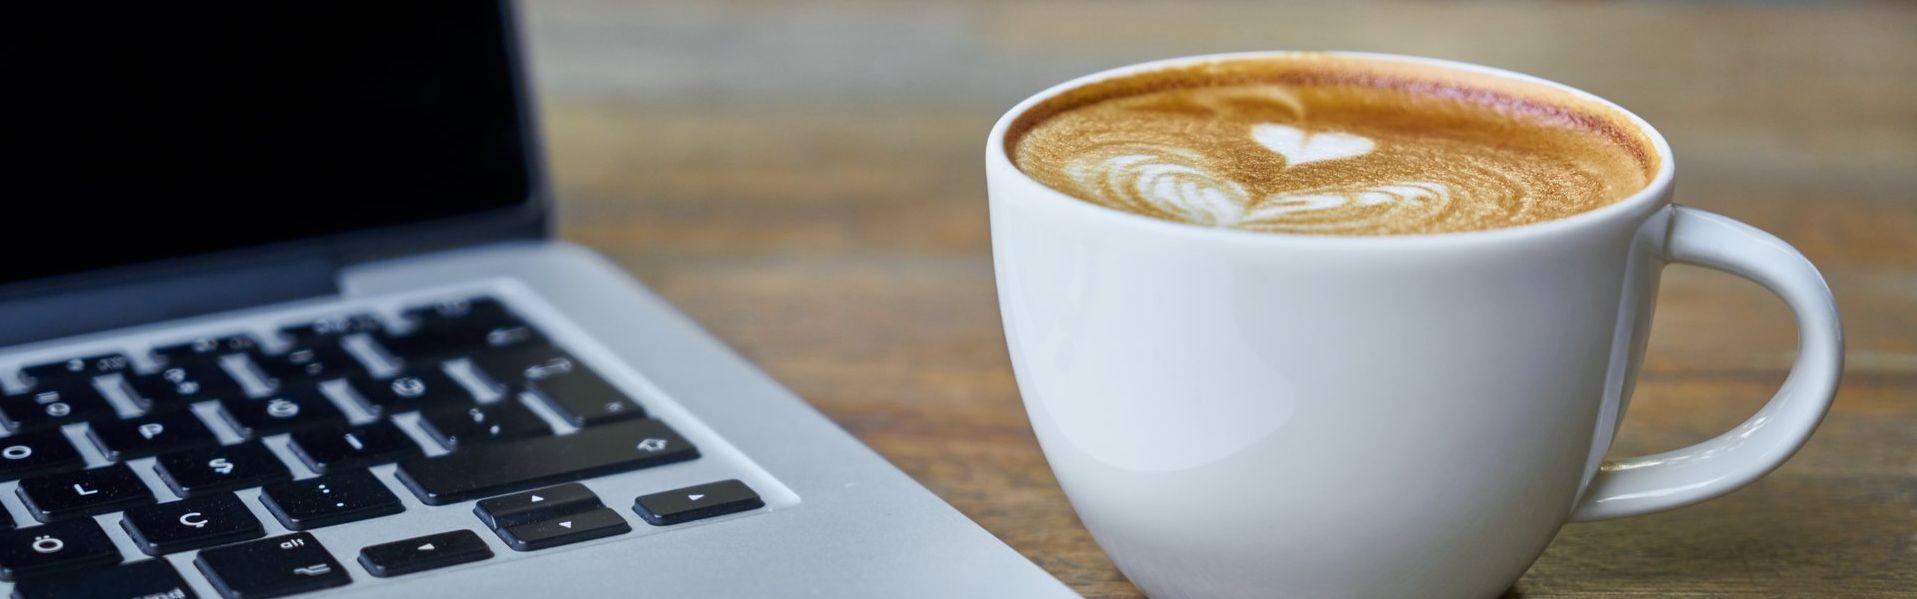 Hub-Satellit Digital Café #16: Perceived Quality – Ansätze für die moderne Produktentwicklung